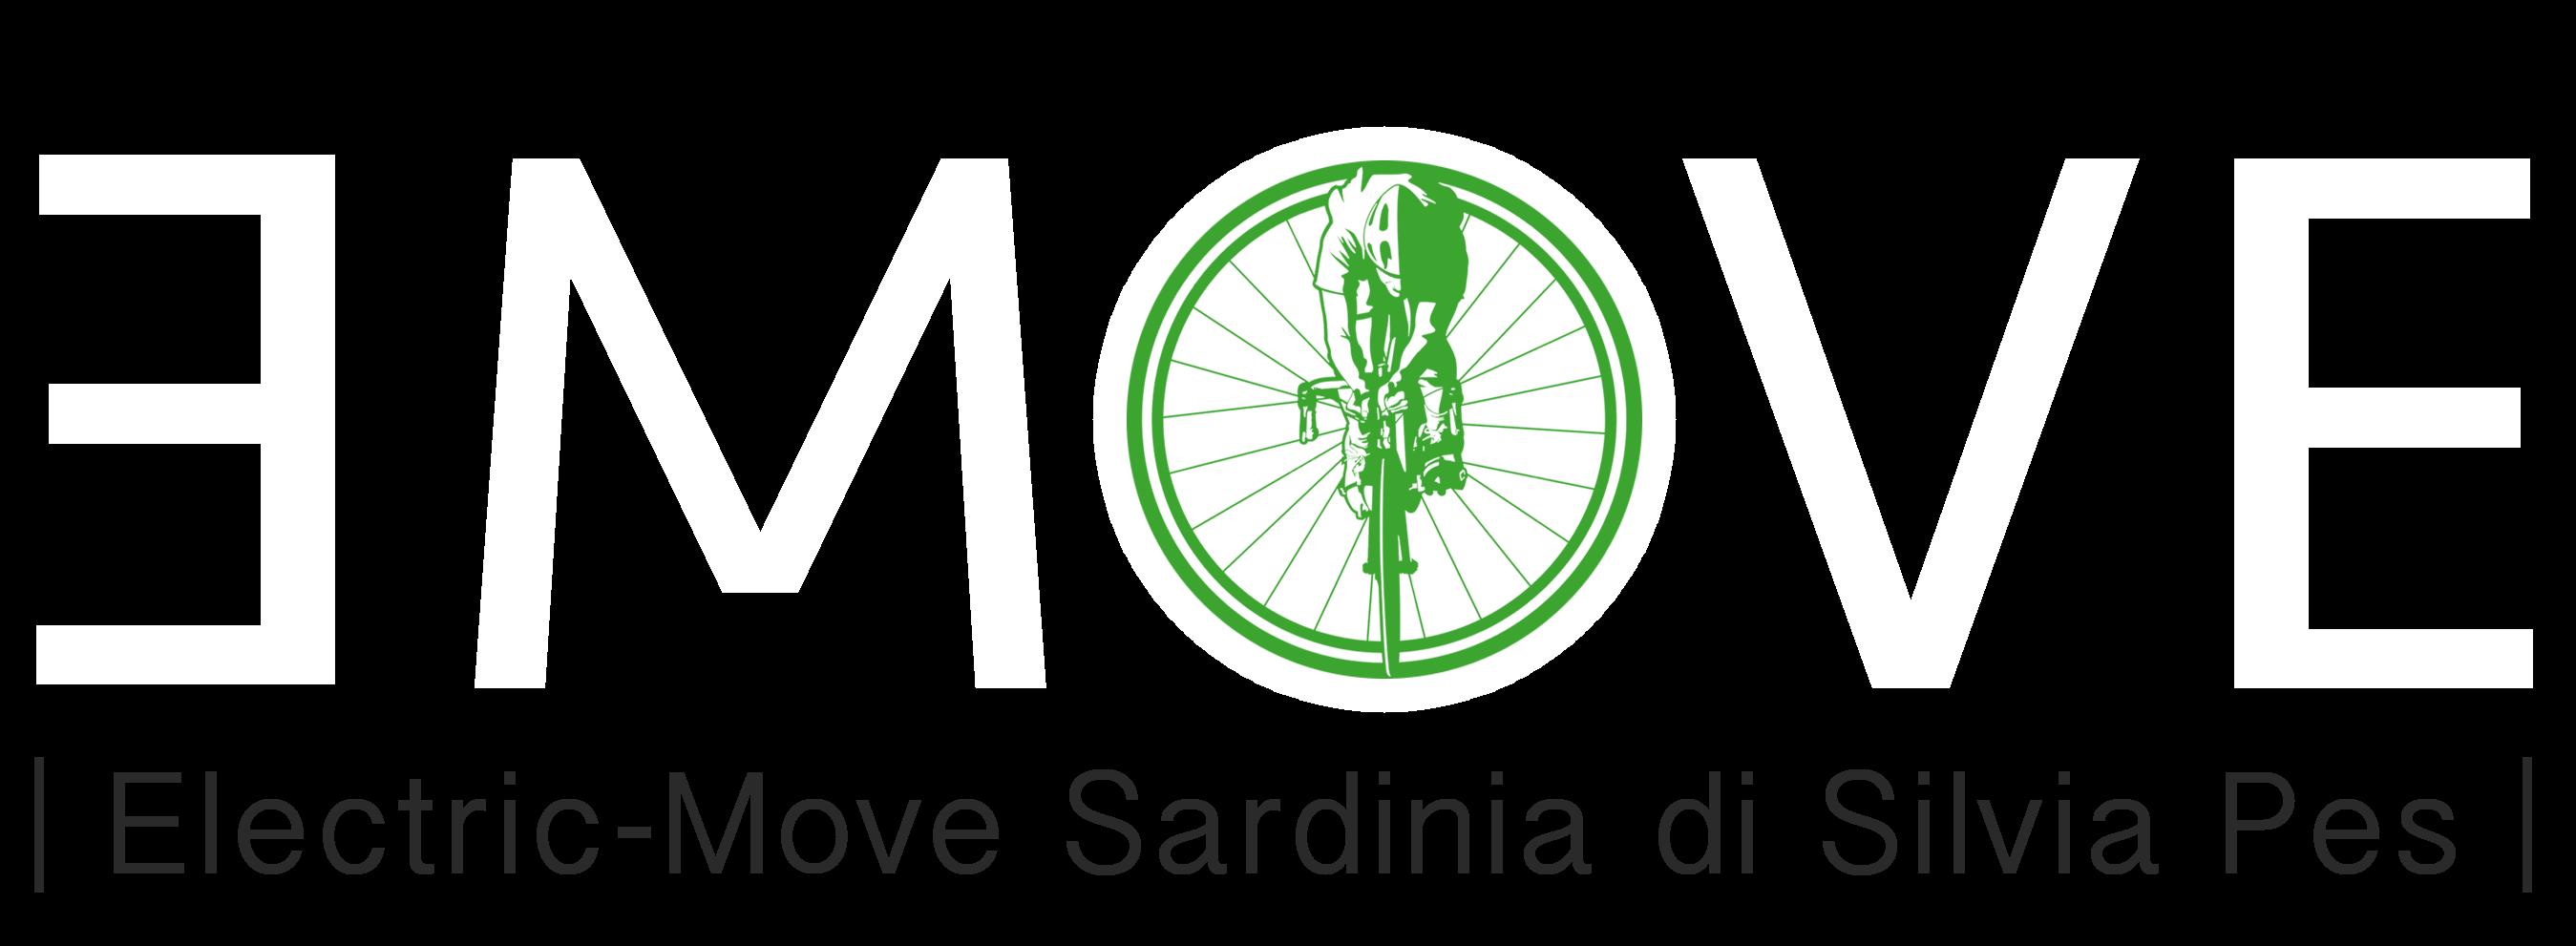 Budoni E-bike